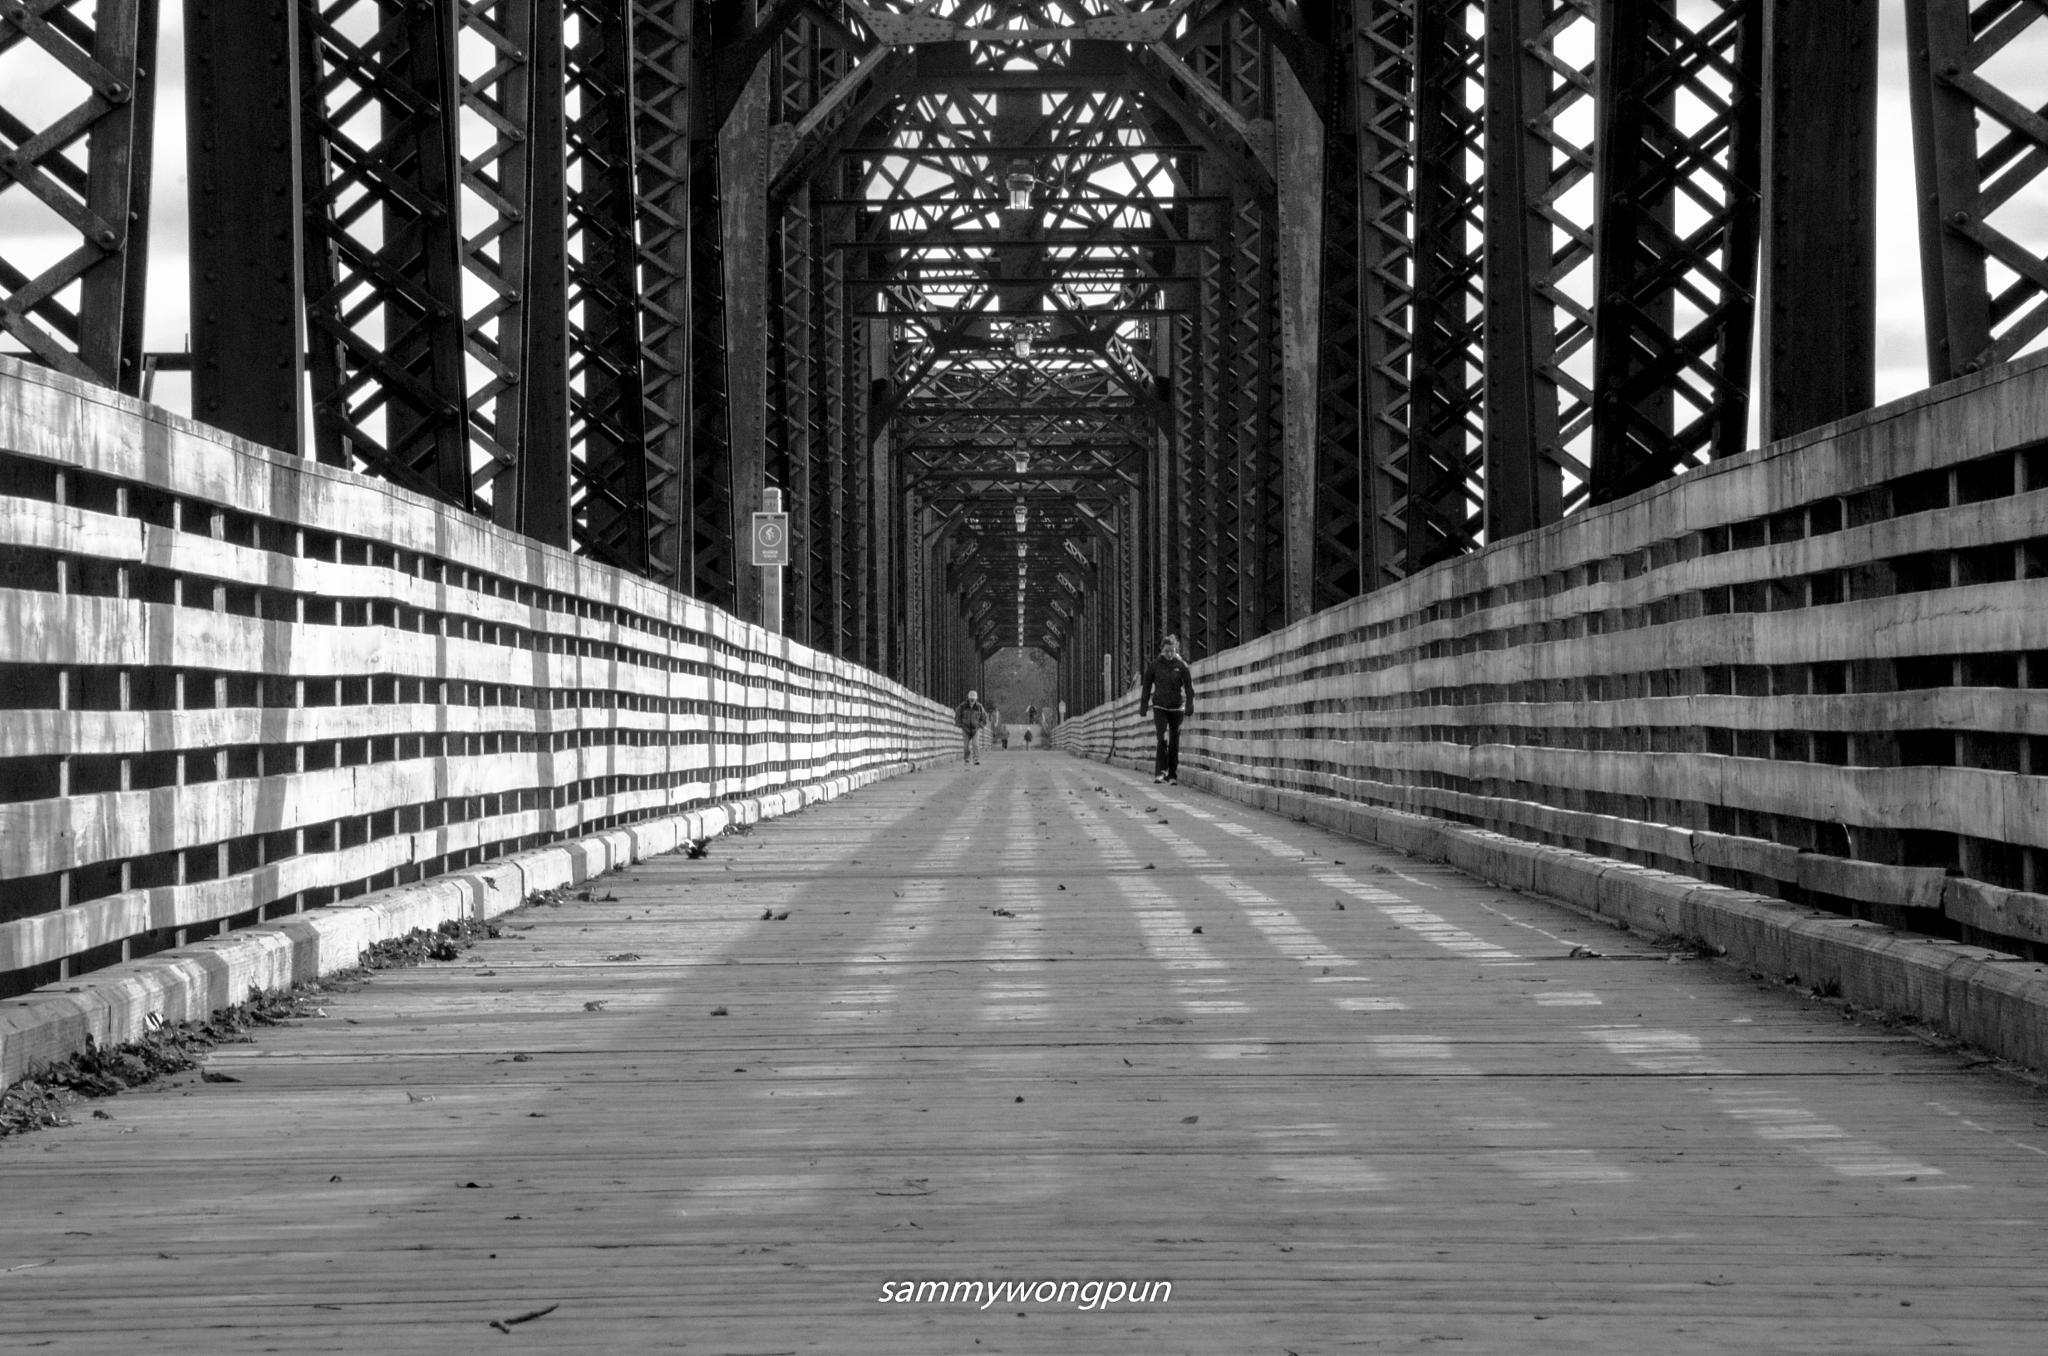 Bill Thorpe Walking Bridge by sammywongpun